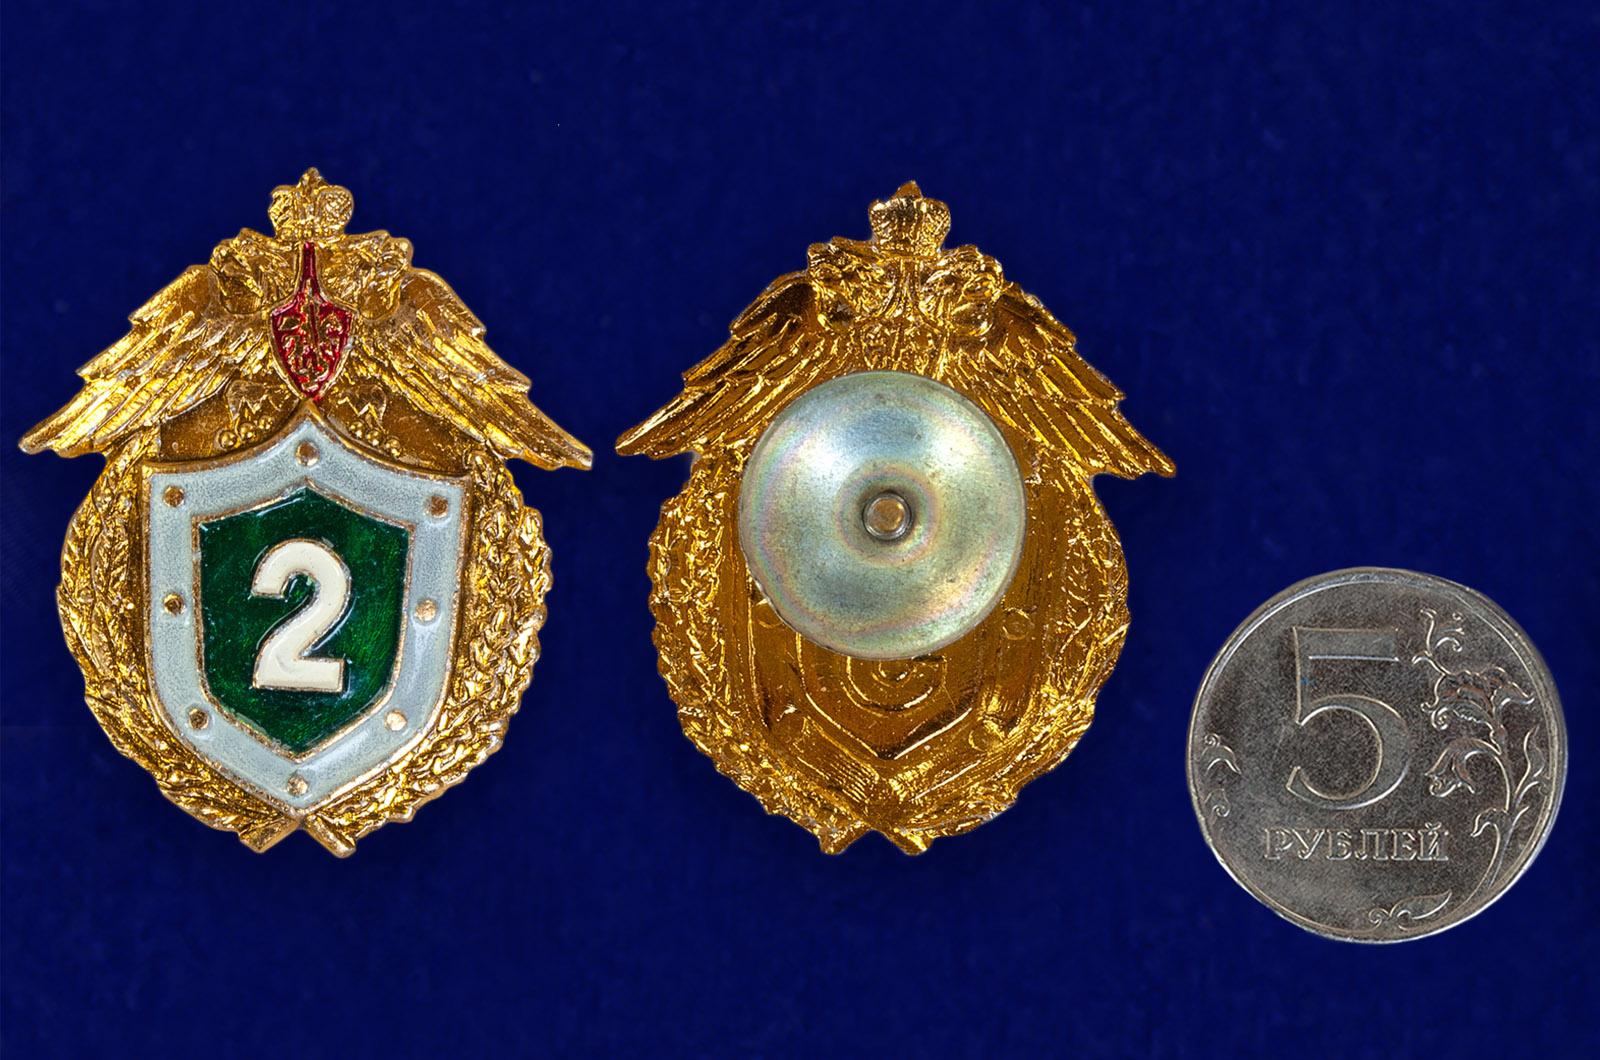 Знак ФПС РФ Специалист 2-го класса в бархатном футляре - Сравнительный вид